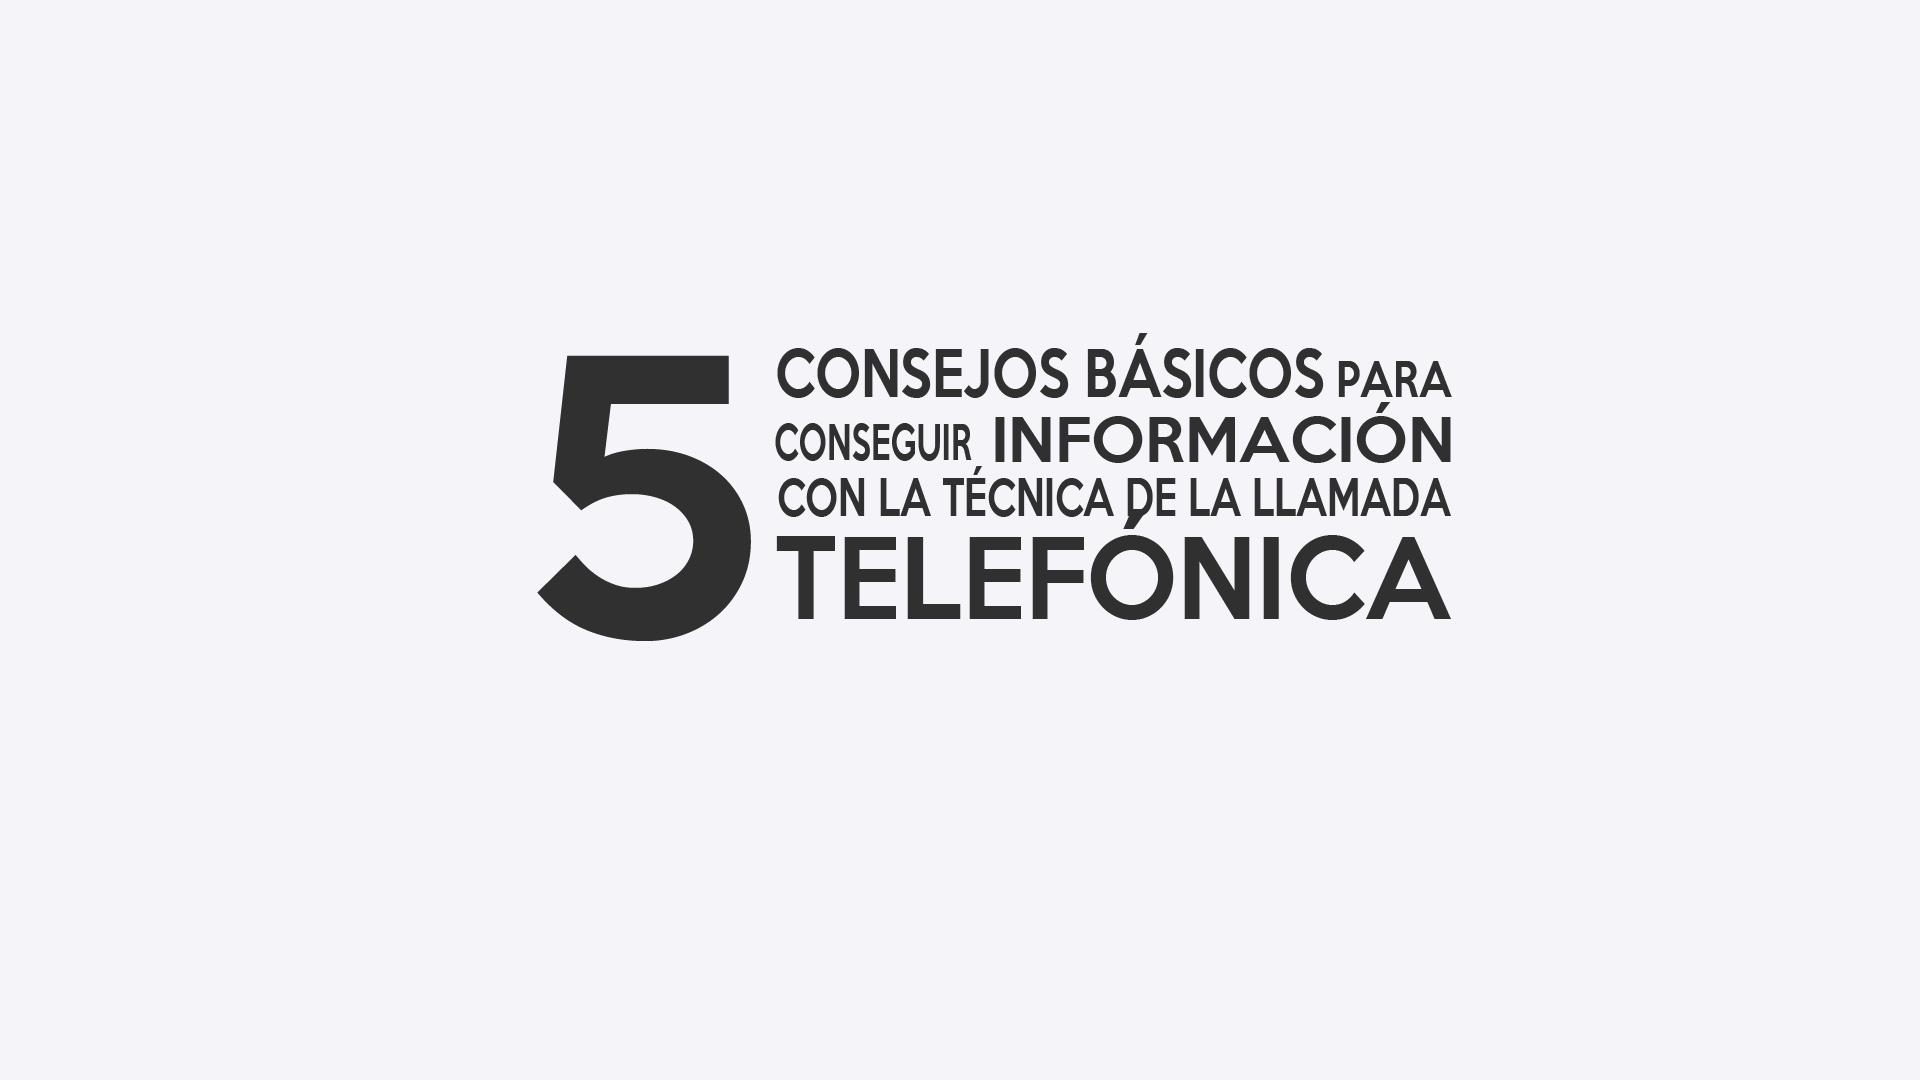 llamada telefonica espana: